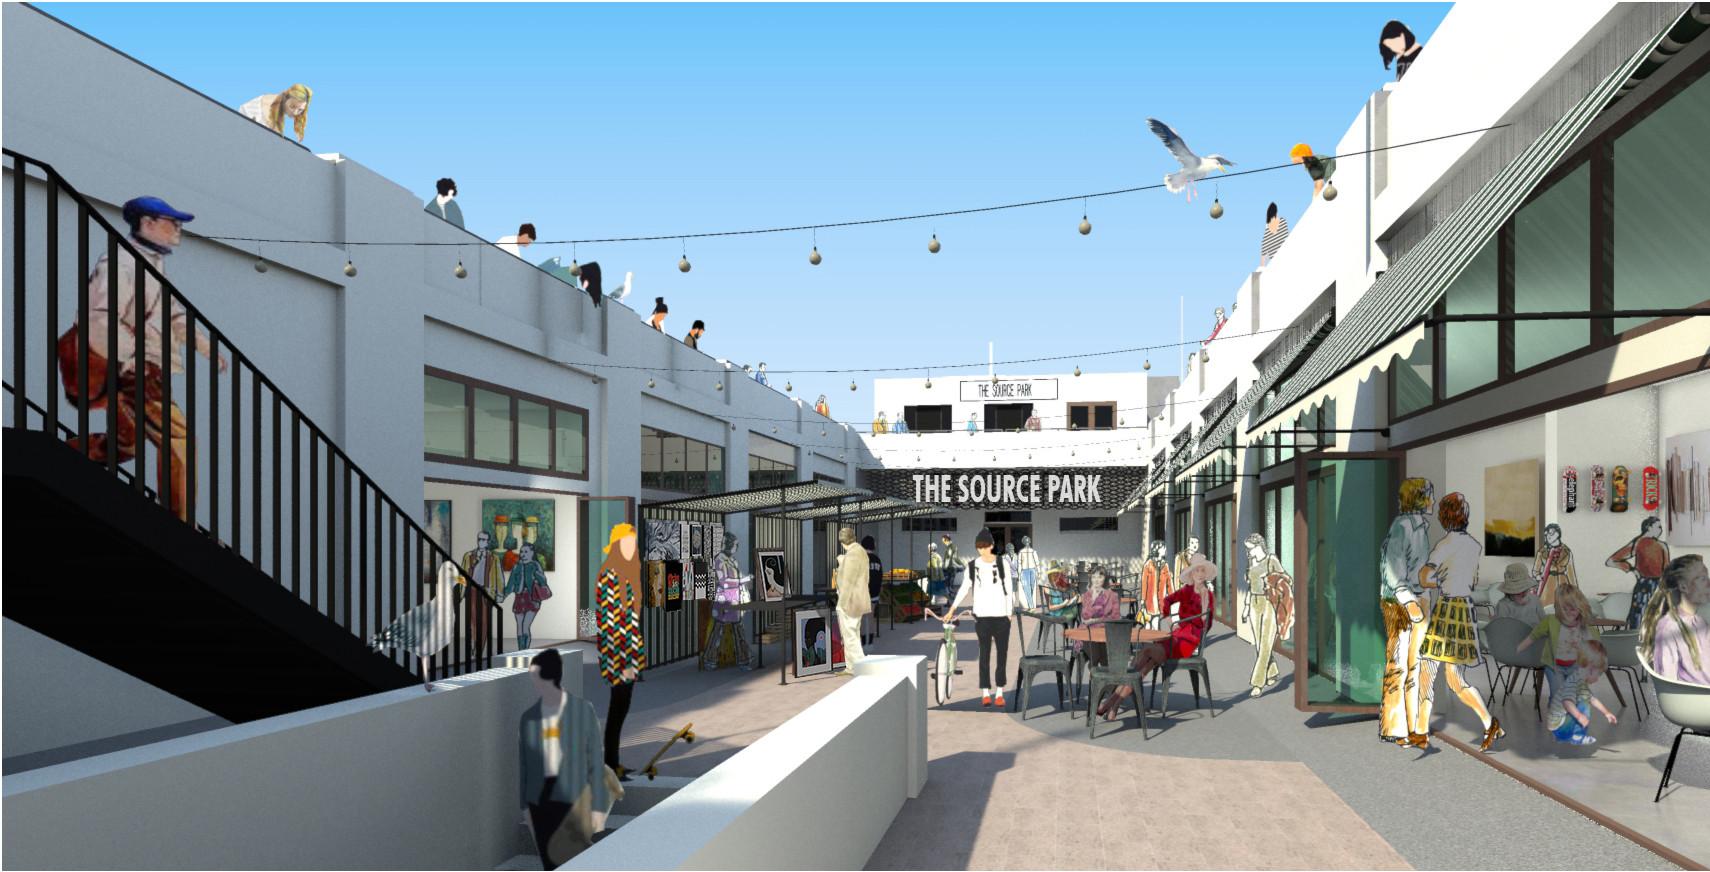 Skatepark Courtyard Render.jpg